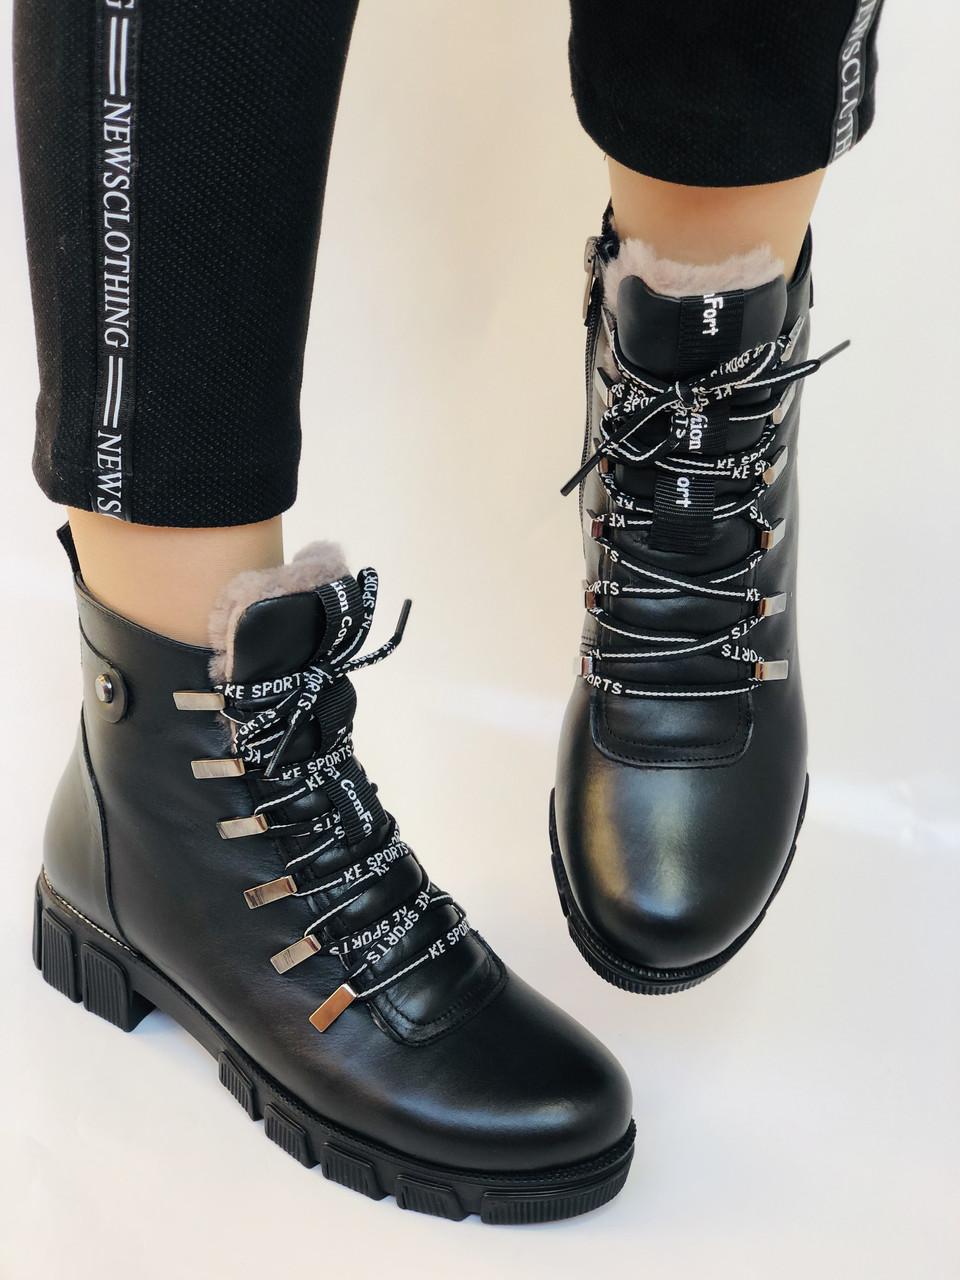 Натуральный мех. Люкс качество. Женские зимние ботинки. Натуральная кожа .Турция. Р.37-40.